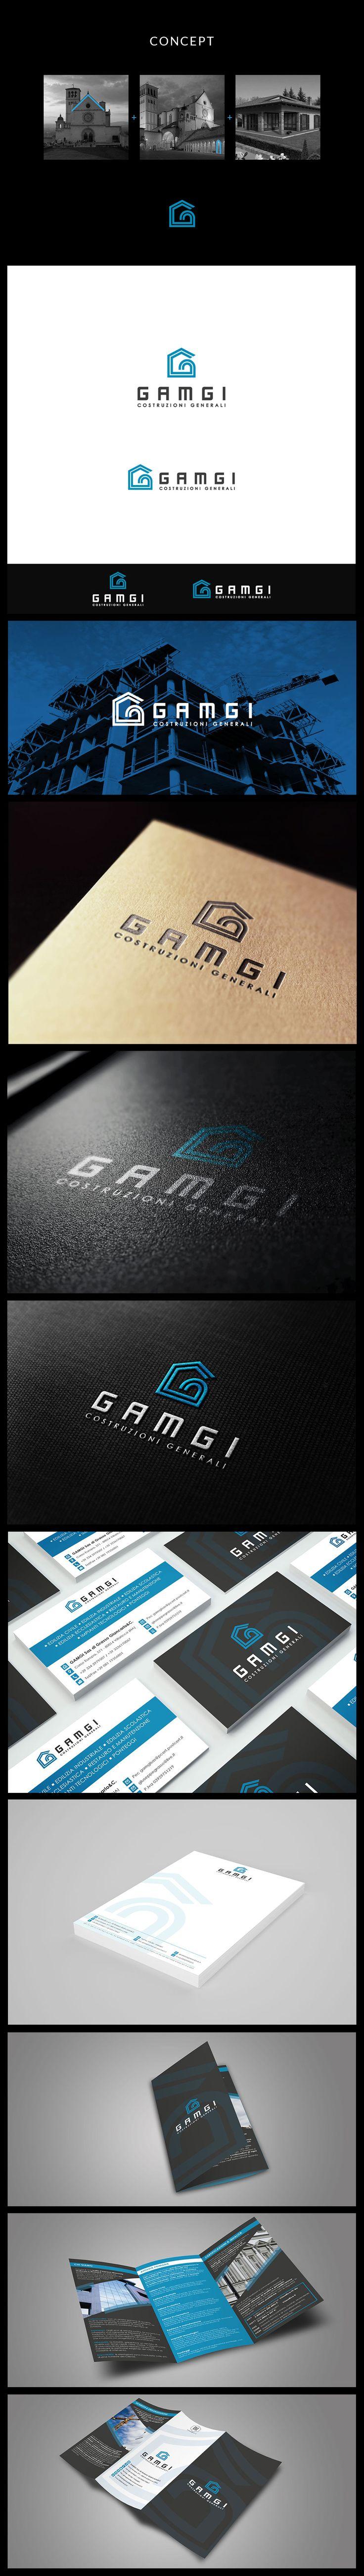 Gamgi - Costruzioni generali